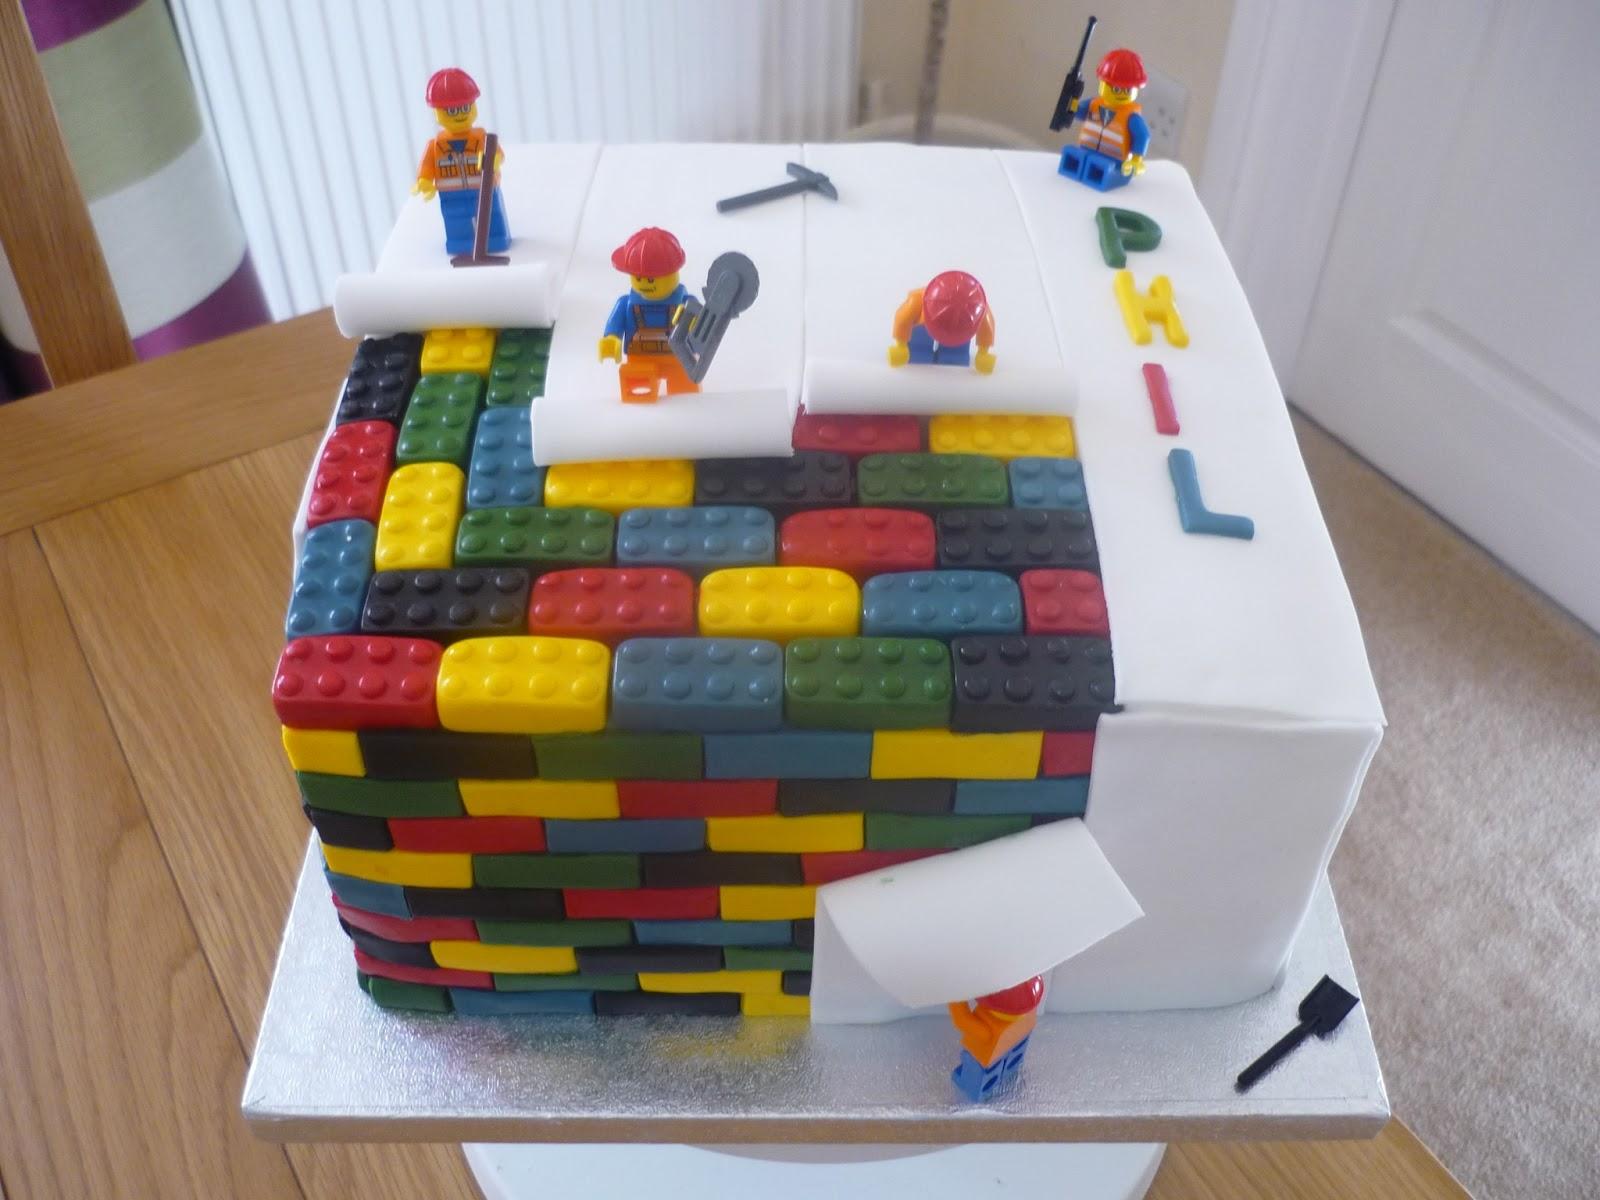 Lego Brick Cake Pan